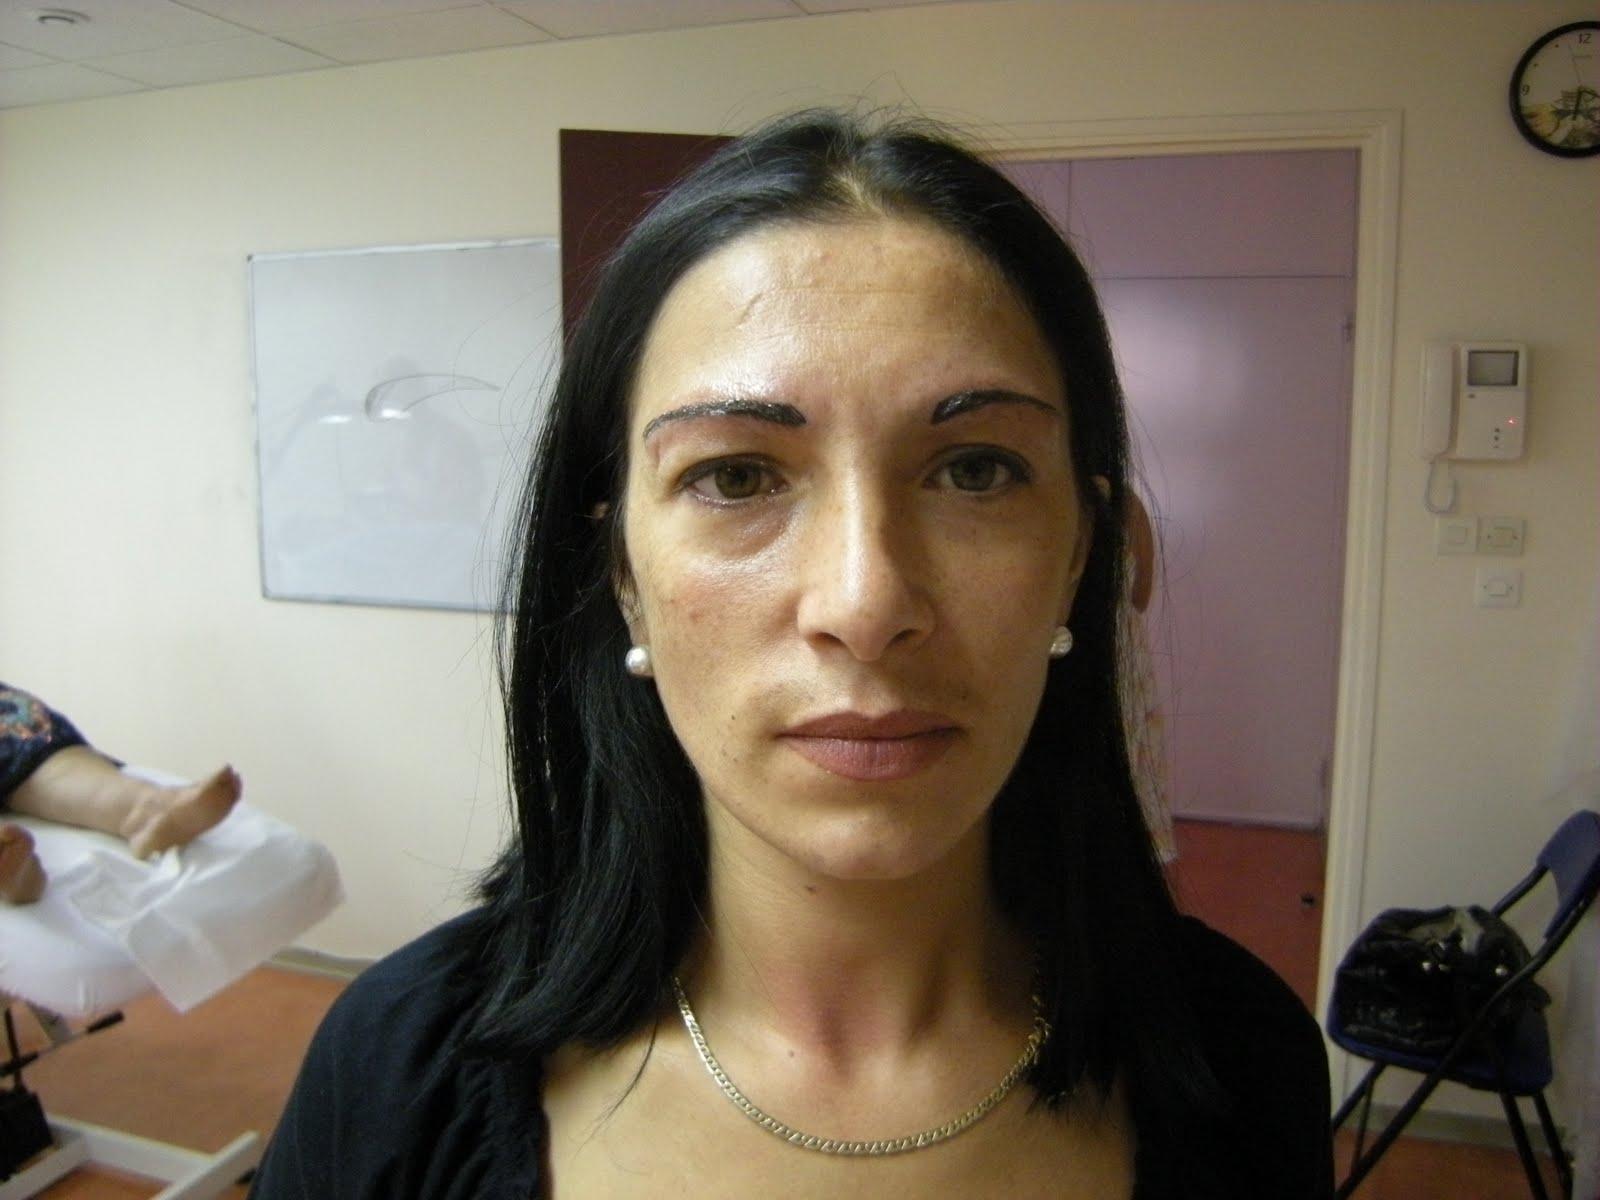 Maquillage Permanent des Sourcils en poil à poil  - tatouage permanent sourcils